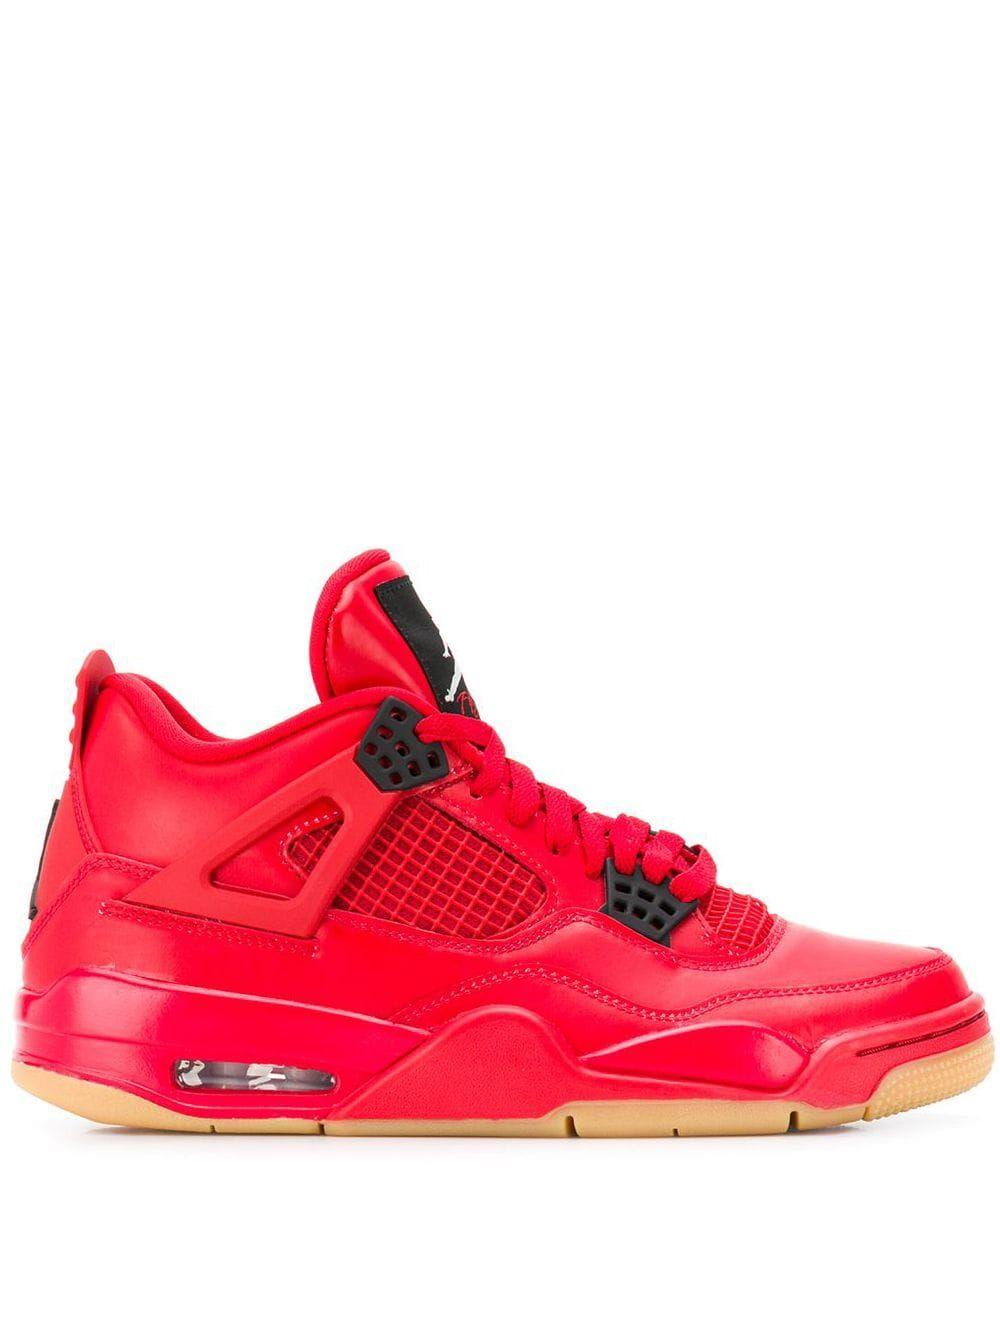 Nike Air Jordan 4 Retro Sneakers Red Retro Sneakers Air